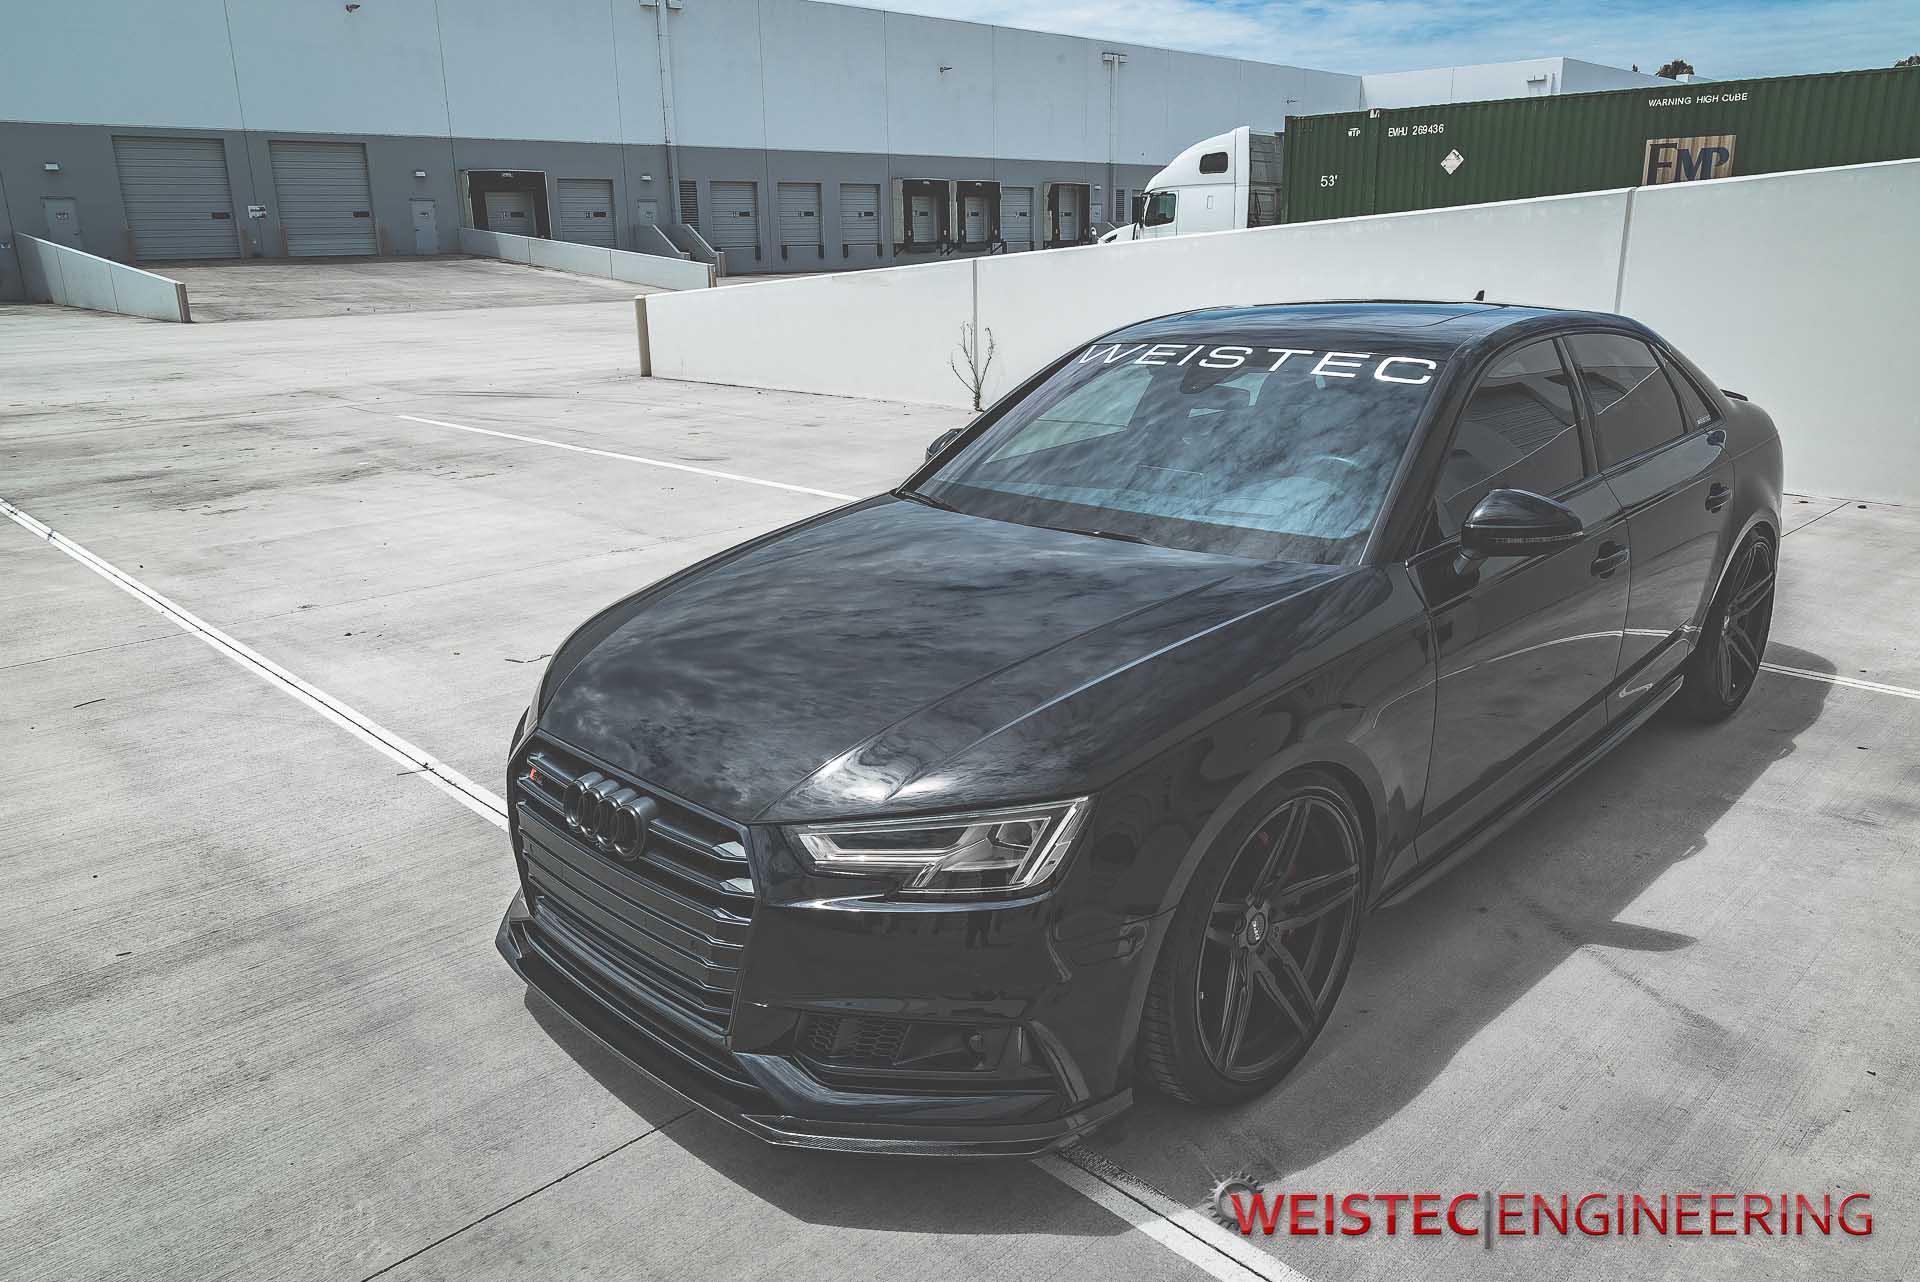 Introducing the Weistec Audi B9 S4 ECU Flash